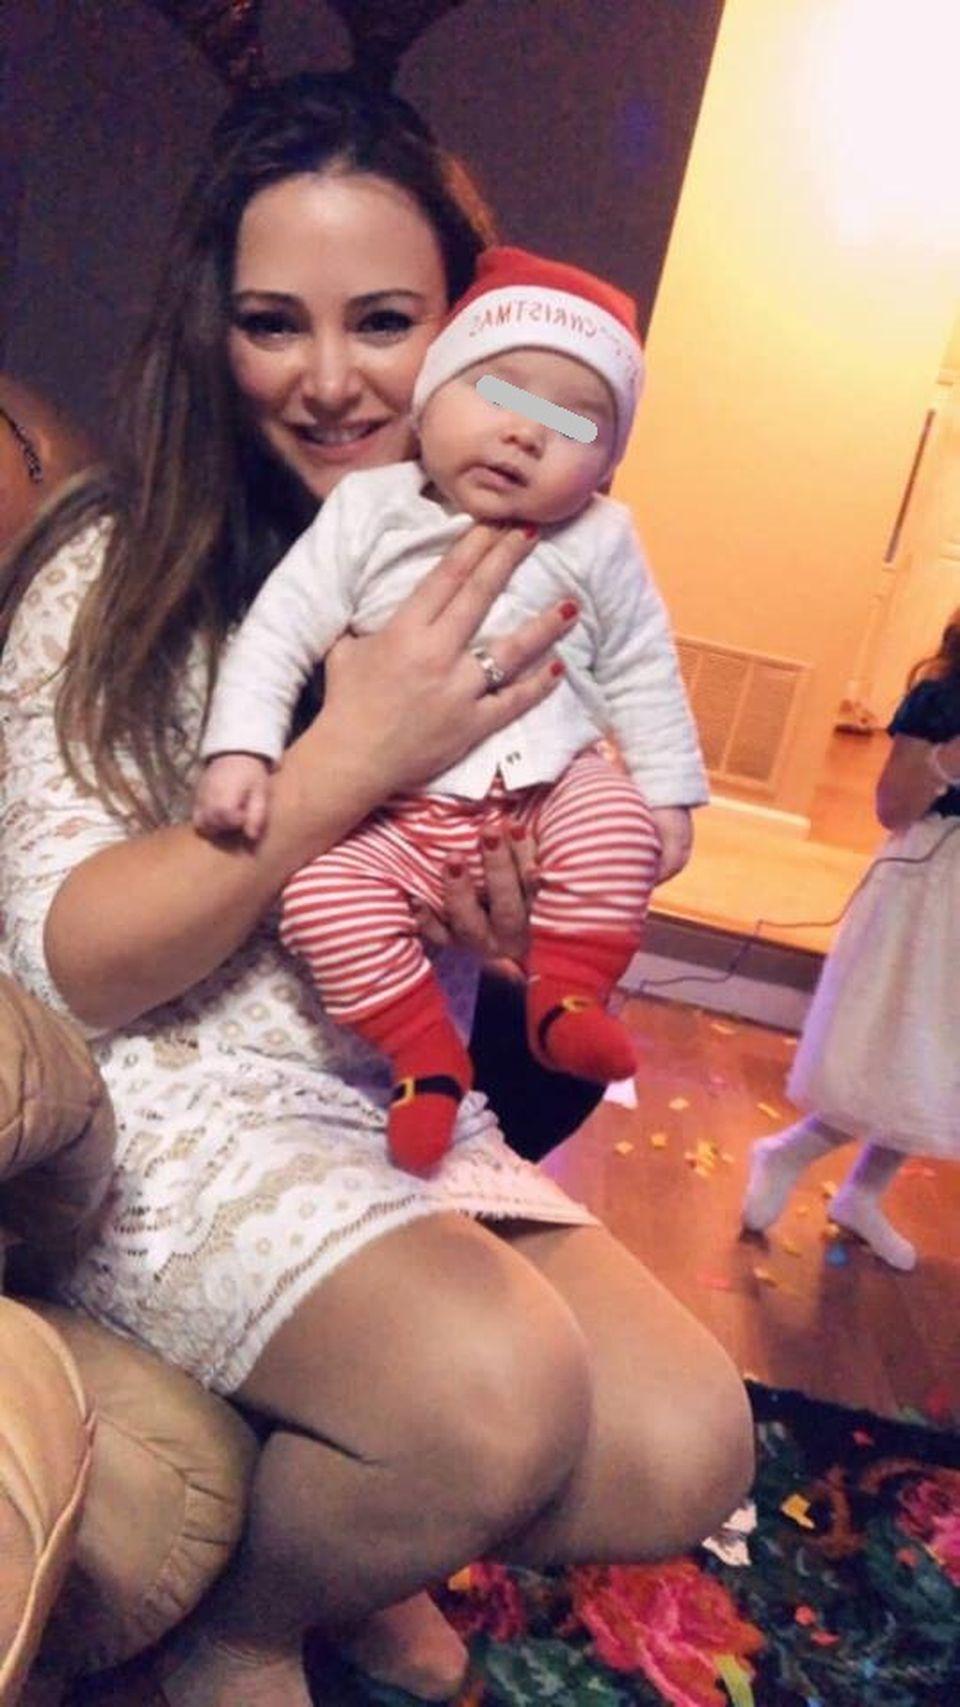 Cum arată azi femeia care a pozat goală în braţele Valentinei Pelinel! Alina şi-a întemeiat o familie în America şi nu mai seamănă cu femeia fatală de acum 17 ani!